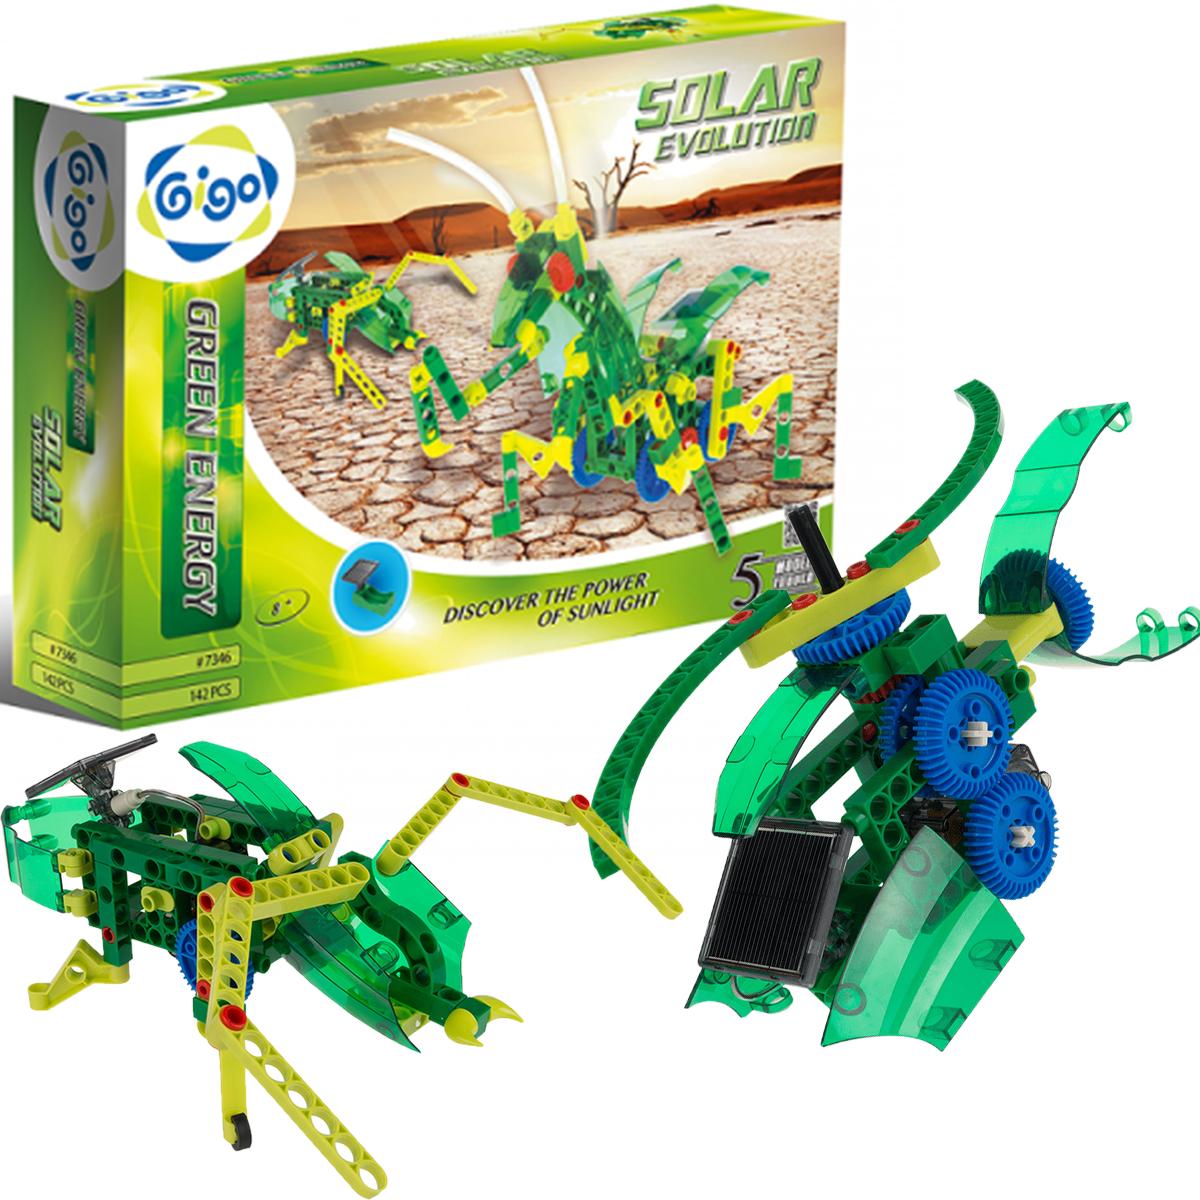 Детский конструктор 5 в 1 Gigo Солнечная энергия (7346)